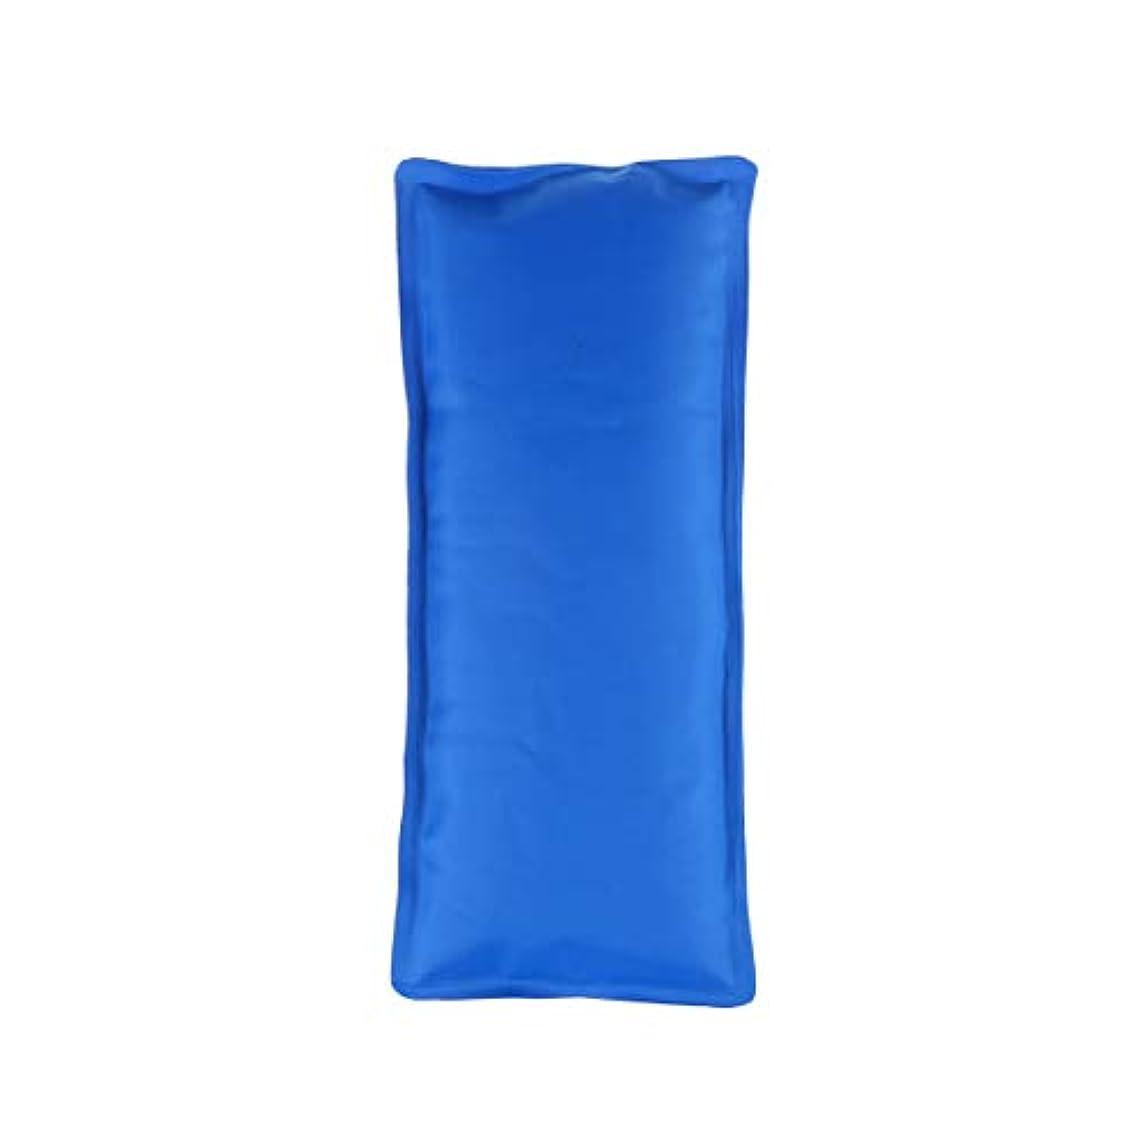 窒息させるわかりやすい最初は傷害の子供および大人500MLのためのHEALILYの熱い冷たいゲルのアイスパックの圧縮の覆い